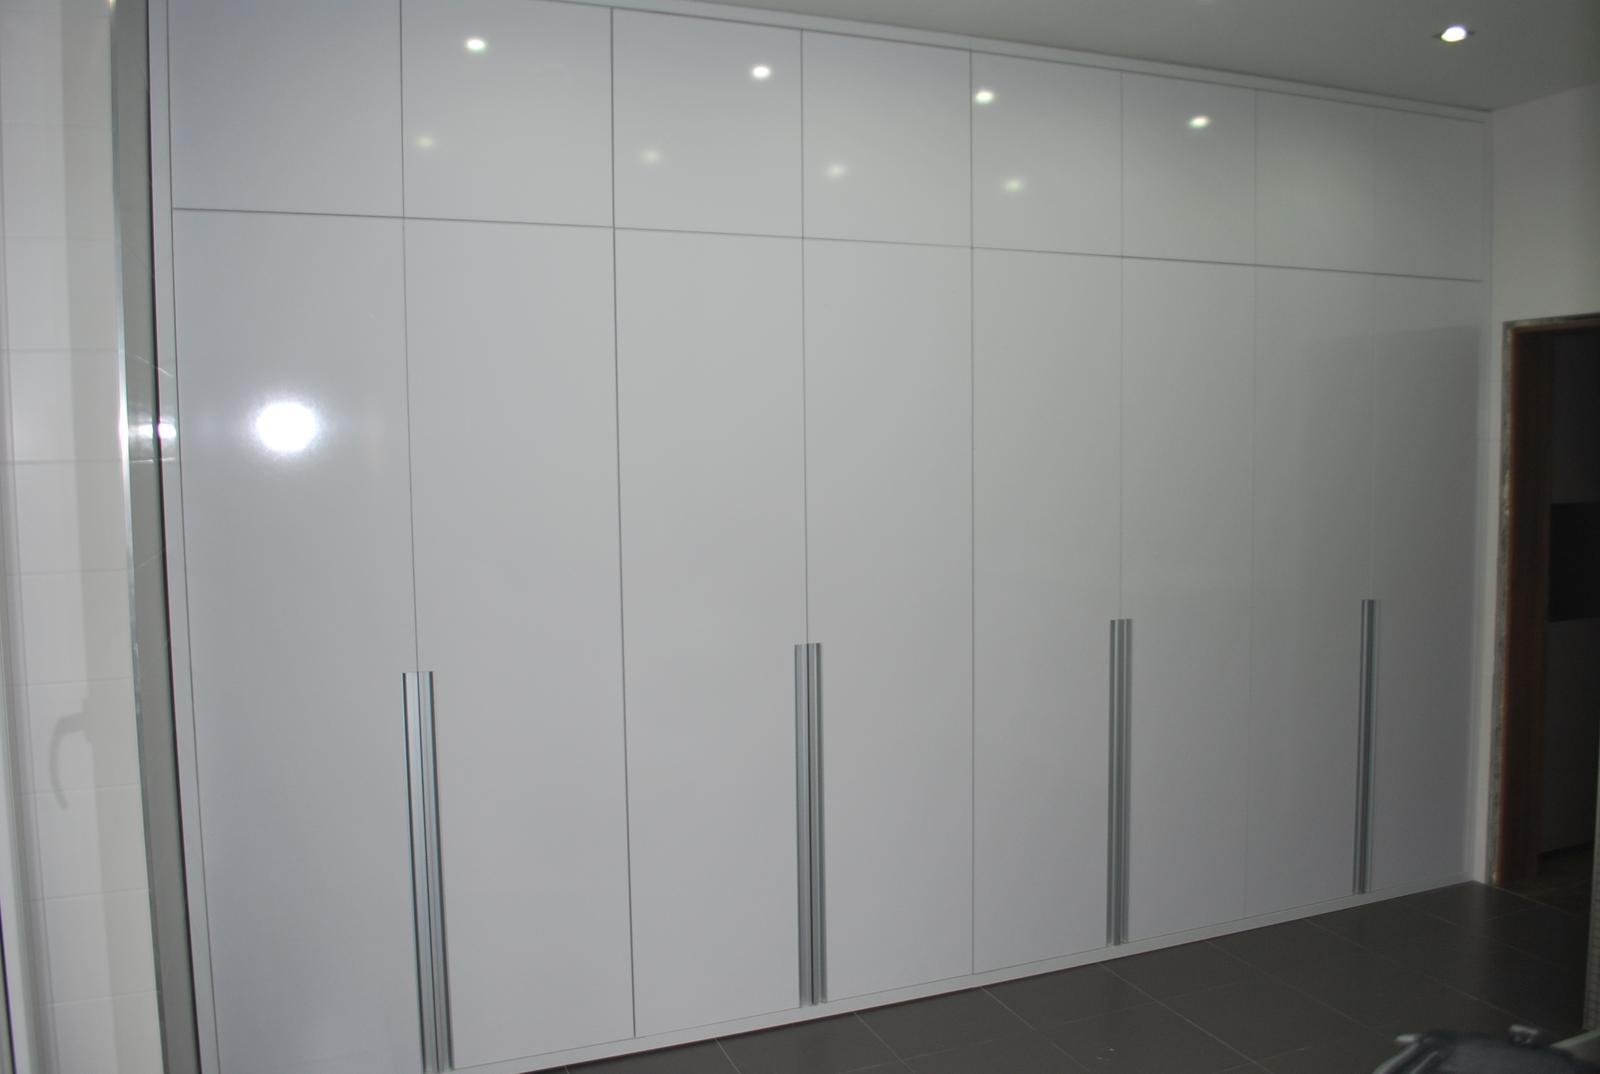 Ďalšie vstavané skrine - Skriňa v miestnosti na pranie - biela lesklá